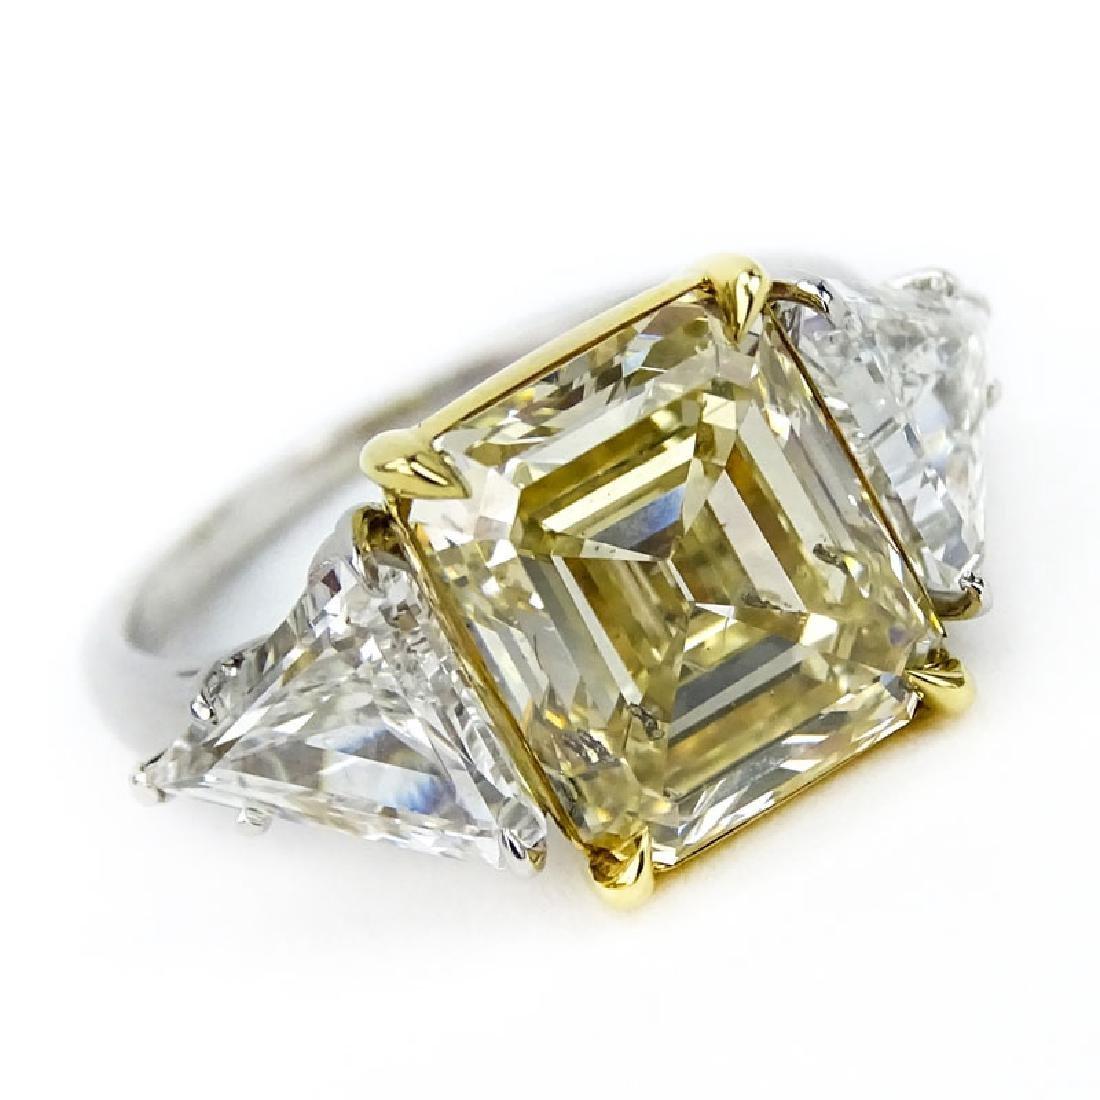 GIA Certified 4.29 Carat Emerald Cut Fancy Yellow